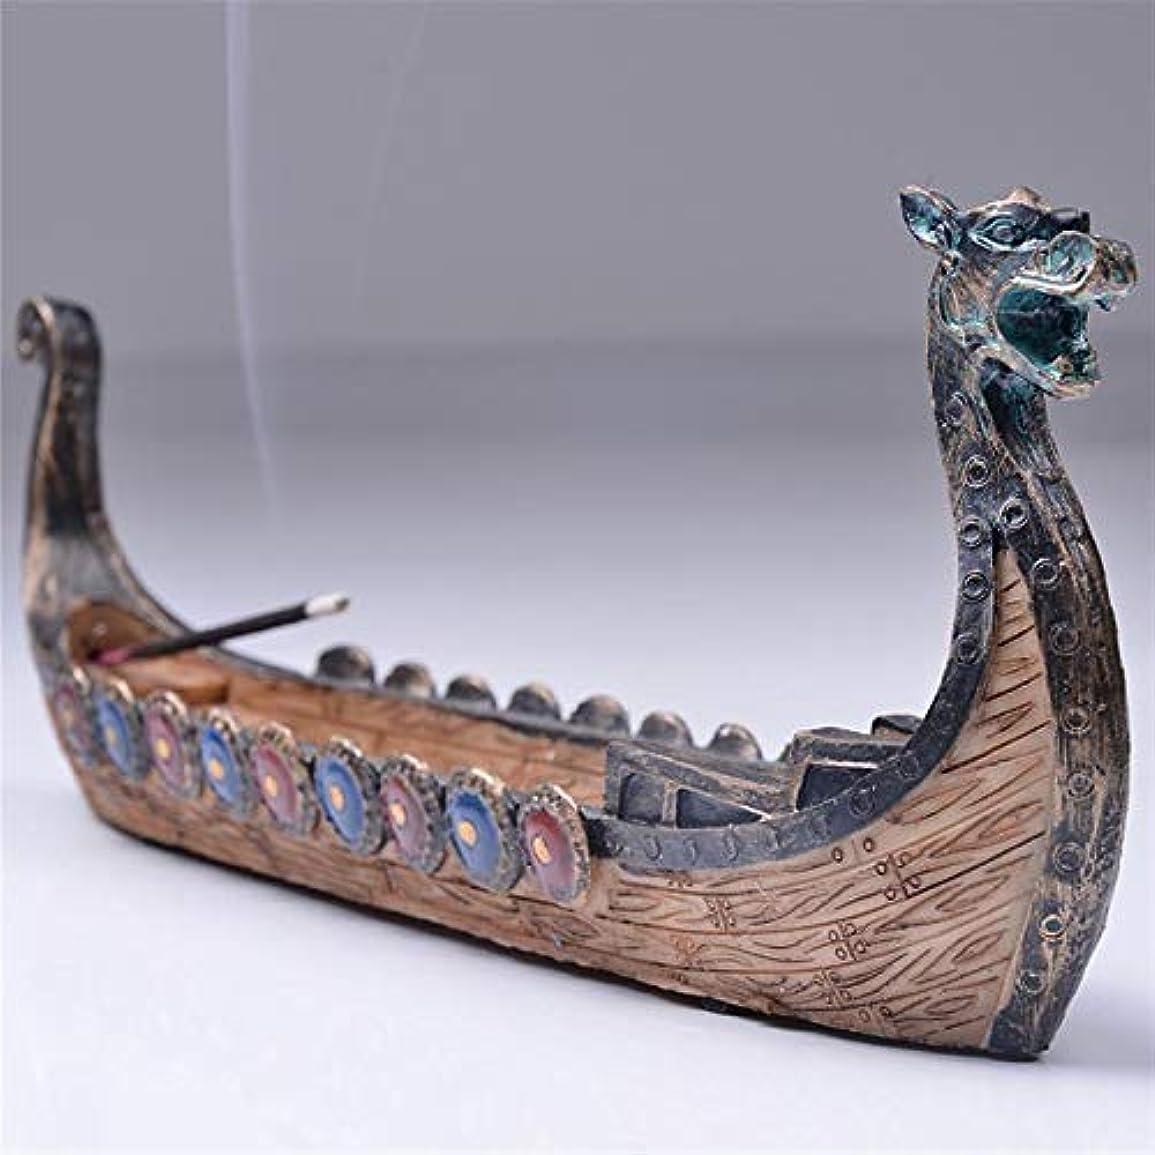 記念品ただやる意図的Ochoos ドラゴンボート 線香ホルダー バーナー 手彫り 彫刻 香炉 オーナメント レトロ 香炉 伝統的デザイン #SW